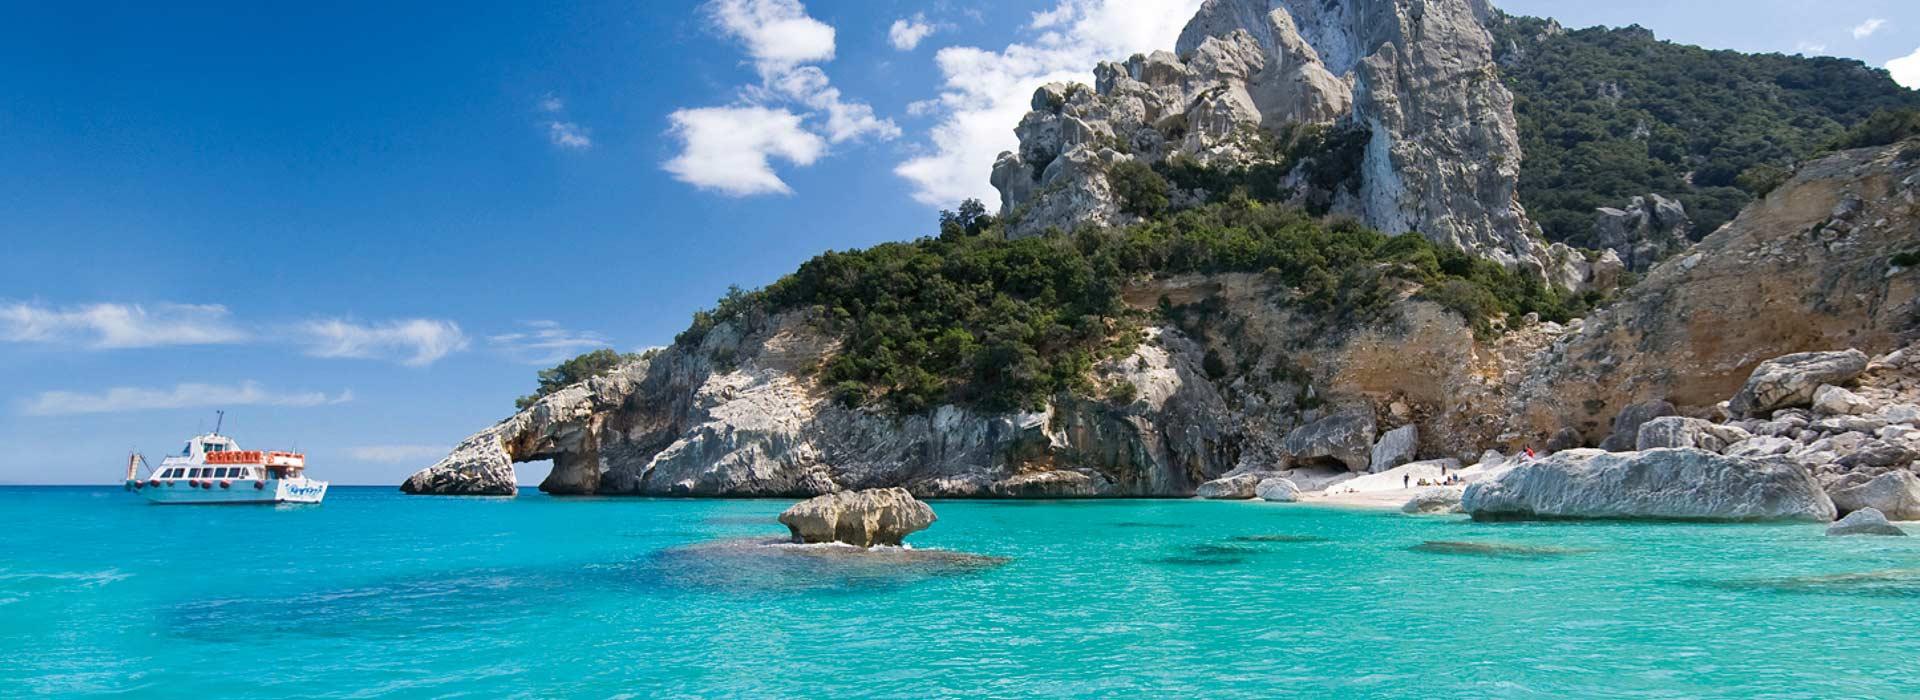 Spiagge Sardegna - Cala Goloritzé